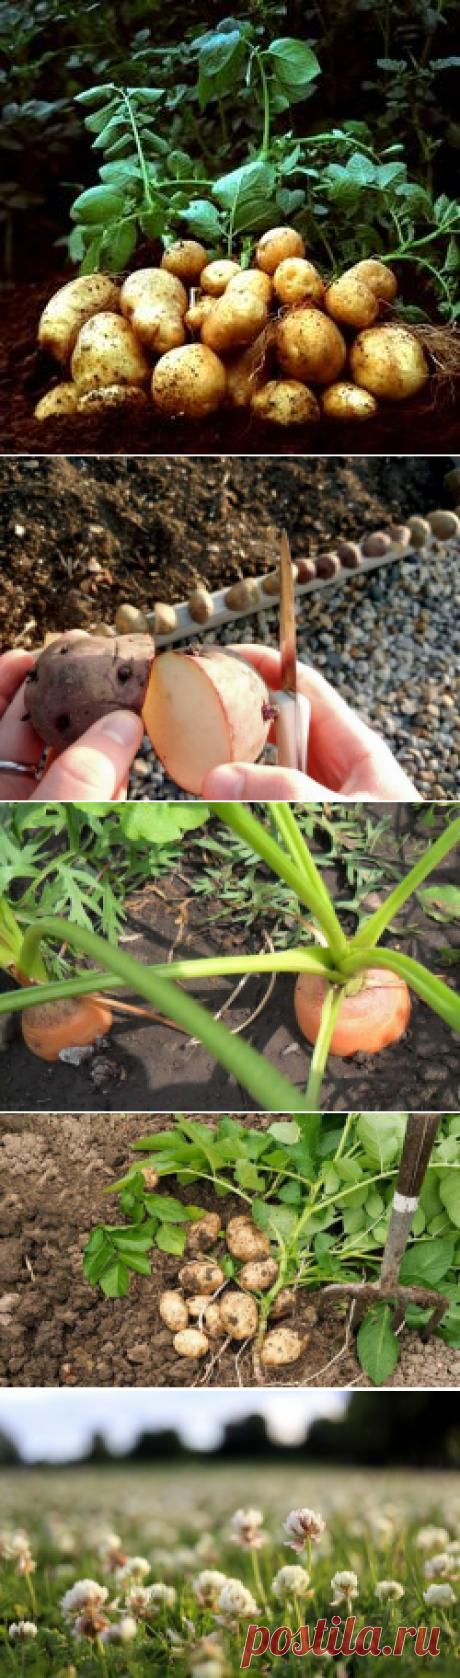 Что можно сажать после картошки: картофель, клубнику, тыкву, что лучше посадить на следующий год, сидераты, совместные посадки, фото, видео